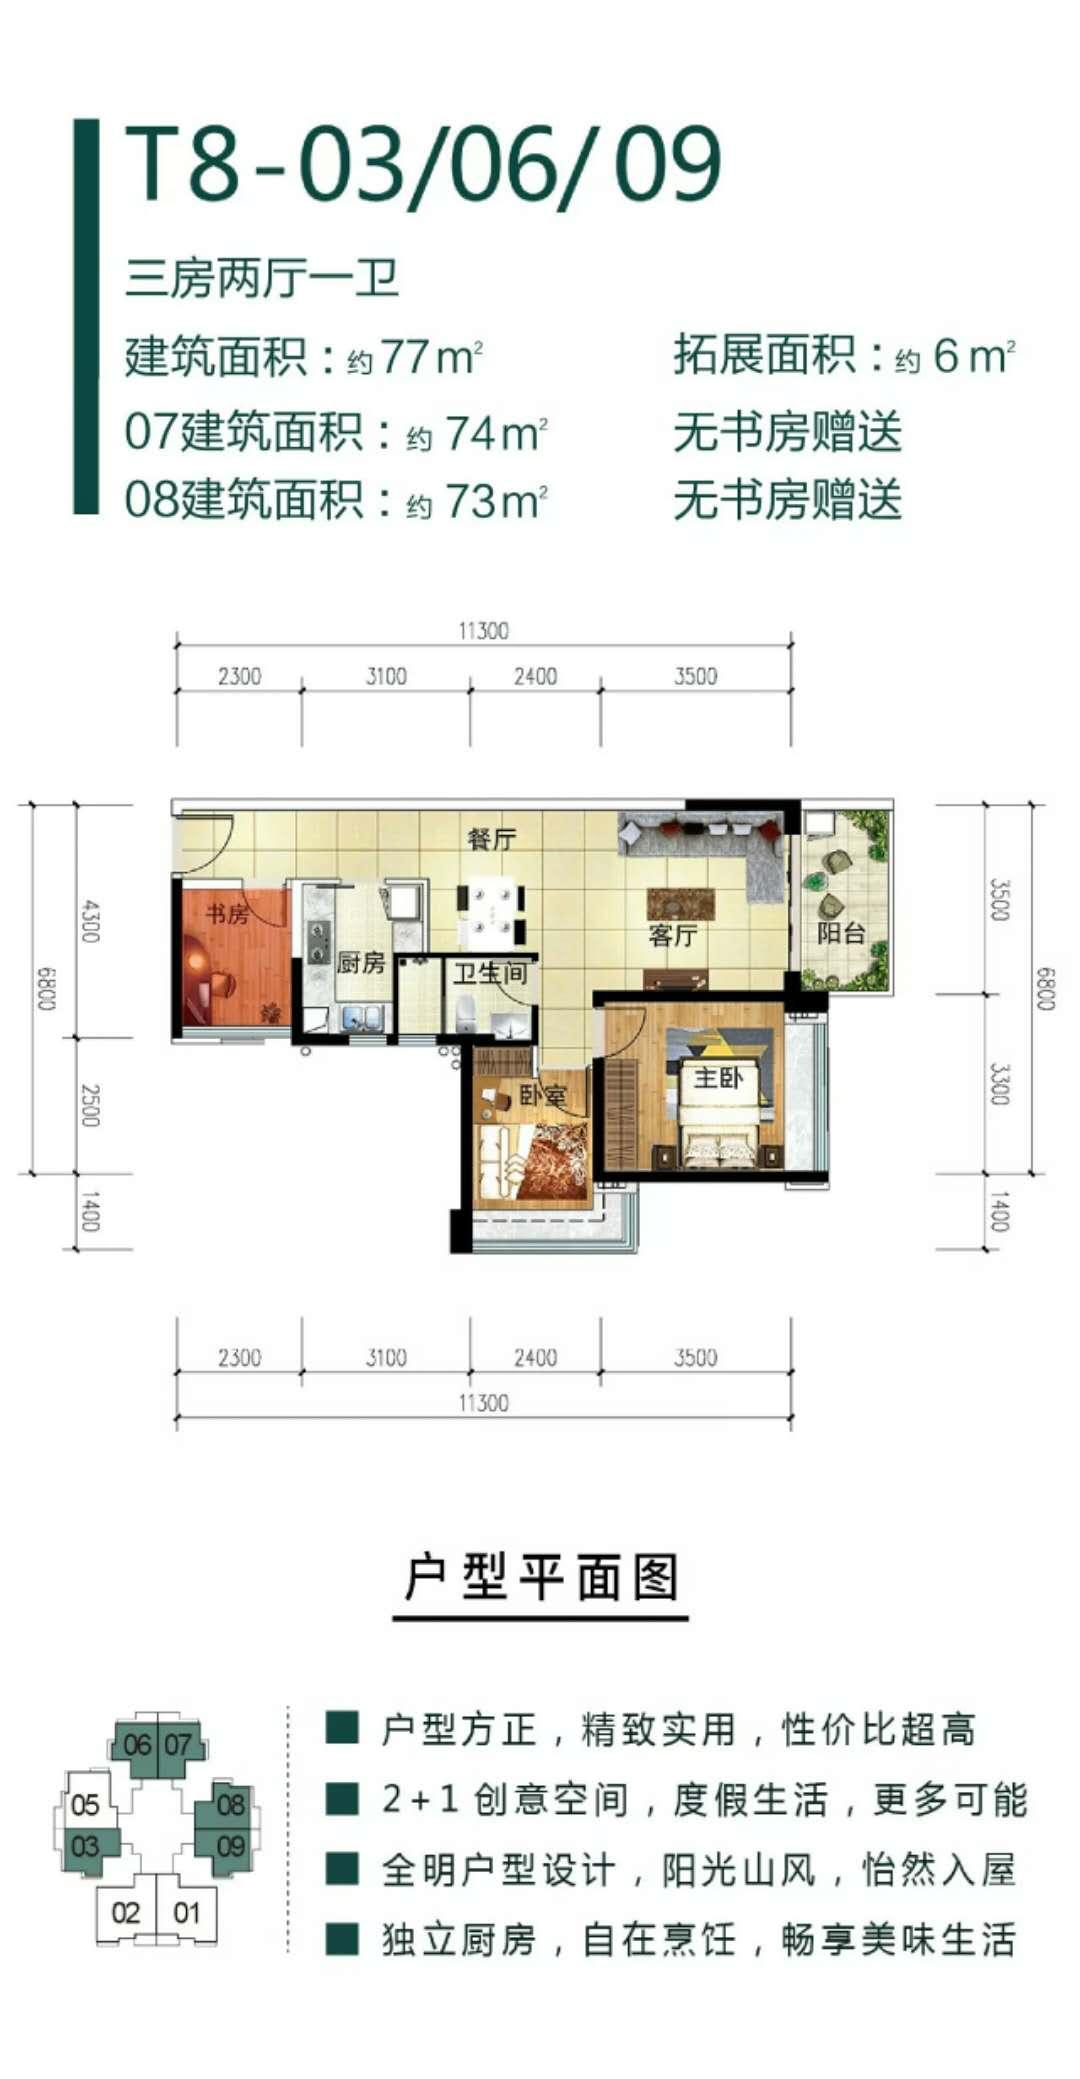 T8洋房 3房2厅1卫 约77平